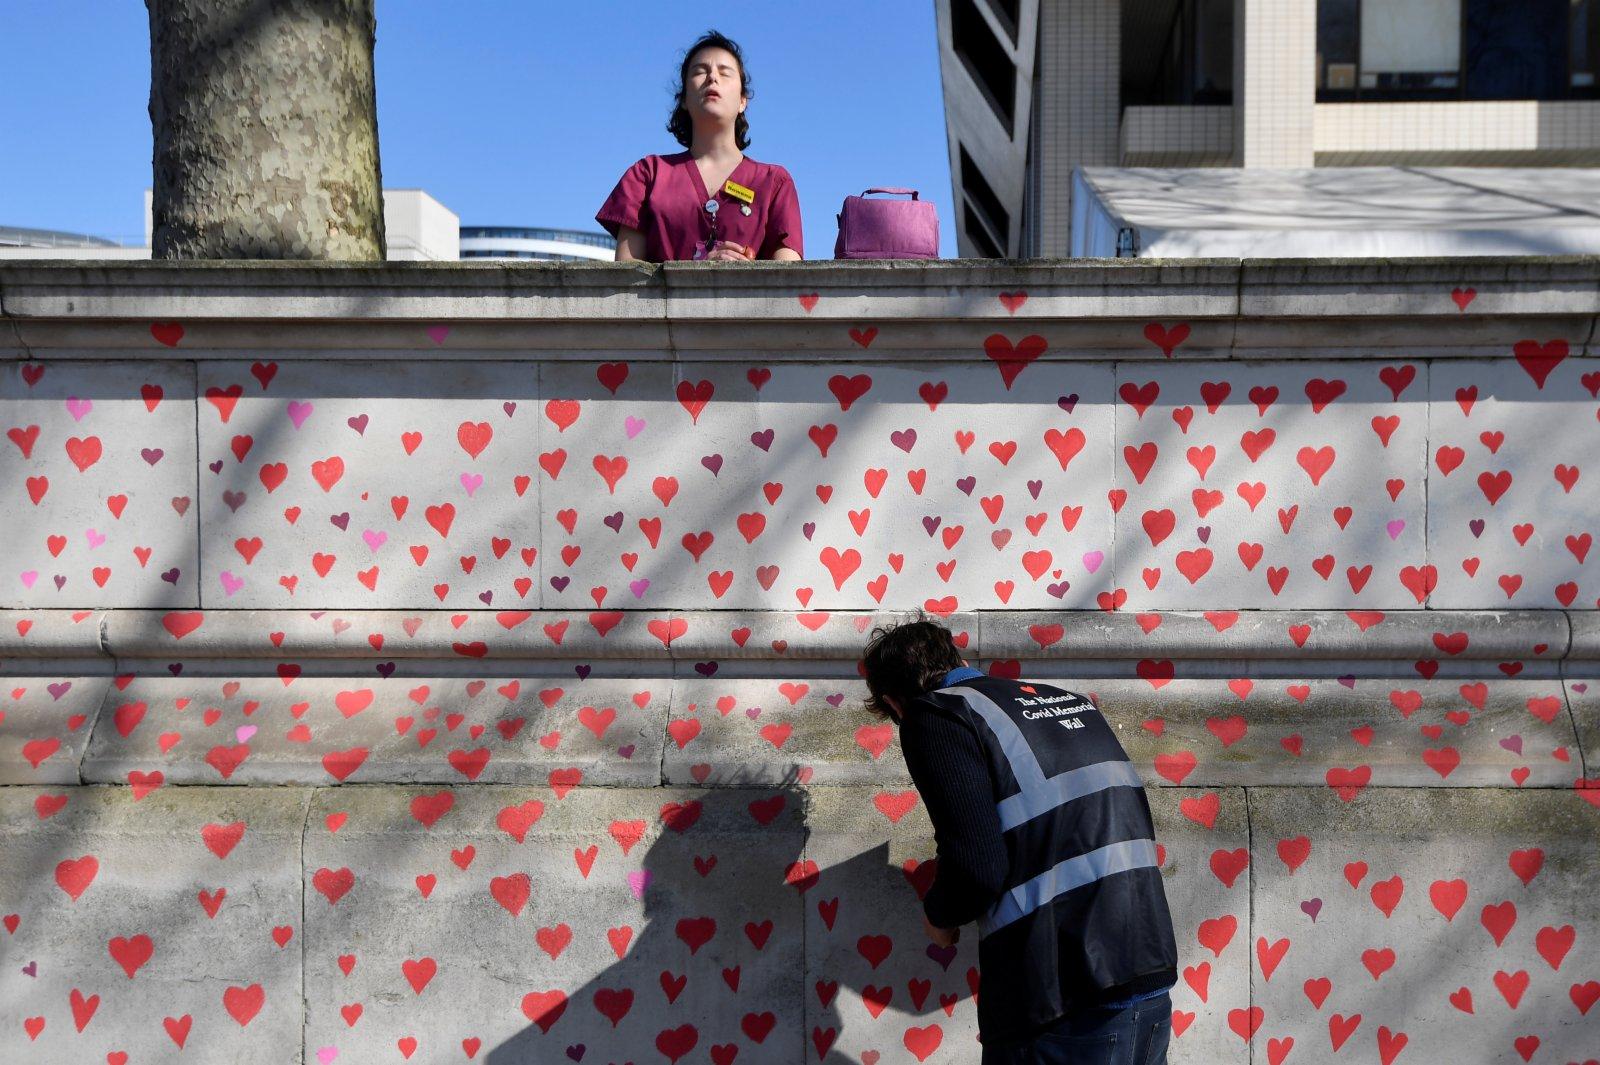 志願者和新冠疫情死難者家在繪製圖案。